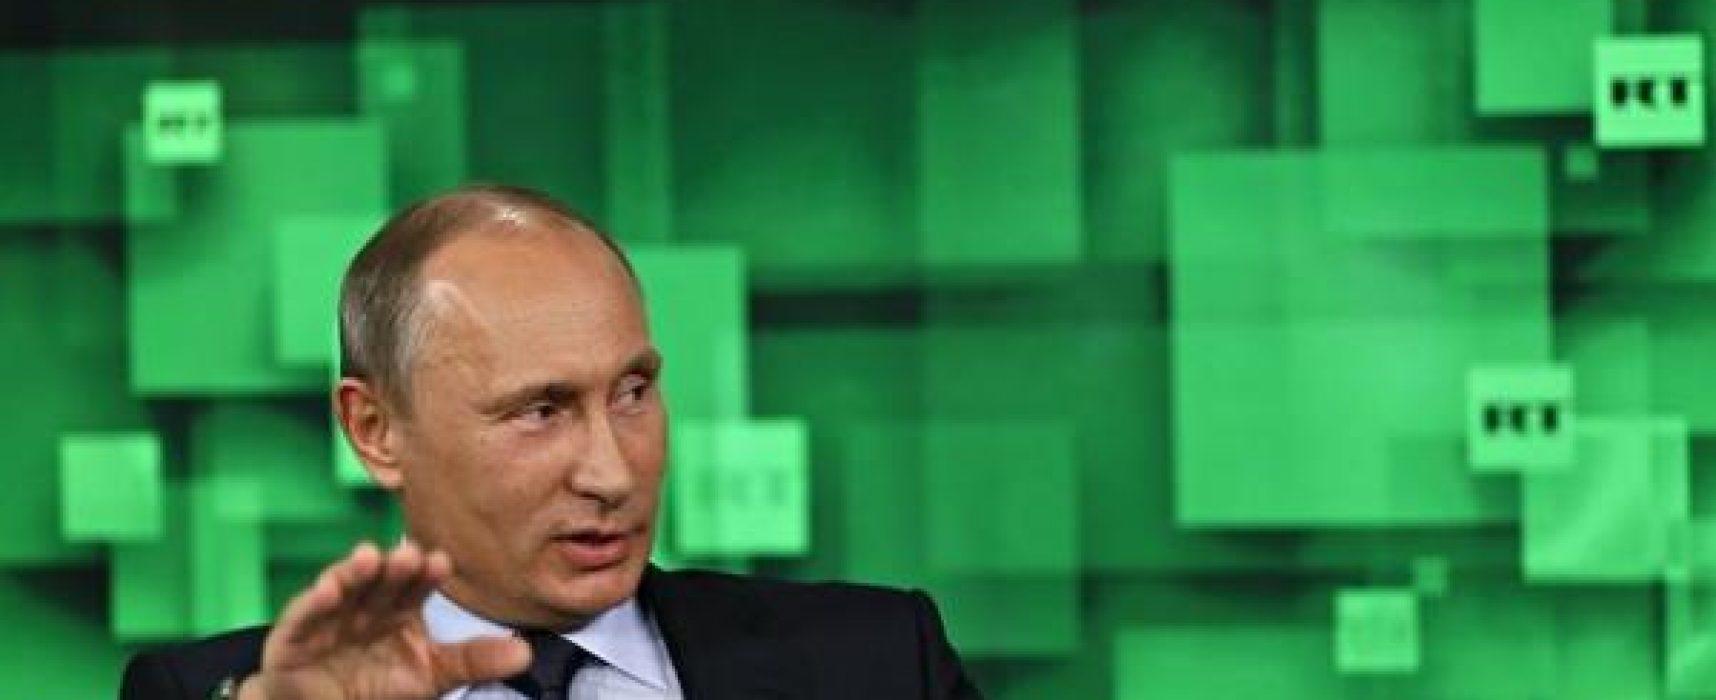 «Мощное зомбирование мозга»: что французские СМИ пишут о Russia Today